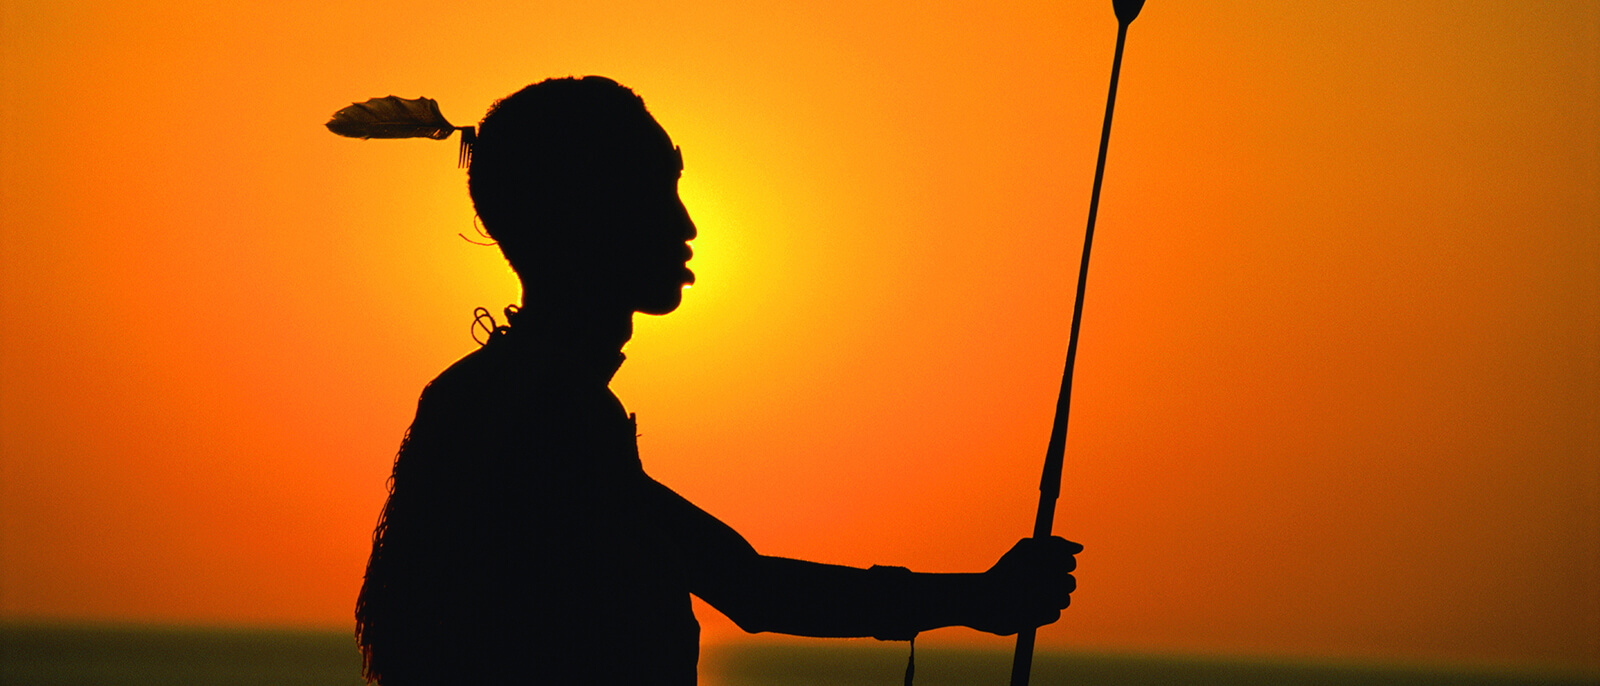 samburu krieger im sonnenuntergang als silhouette